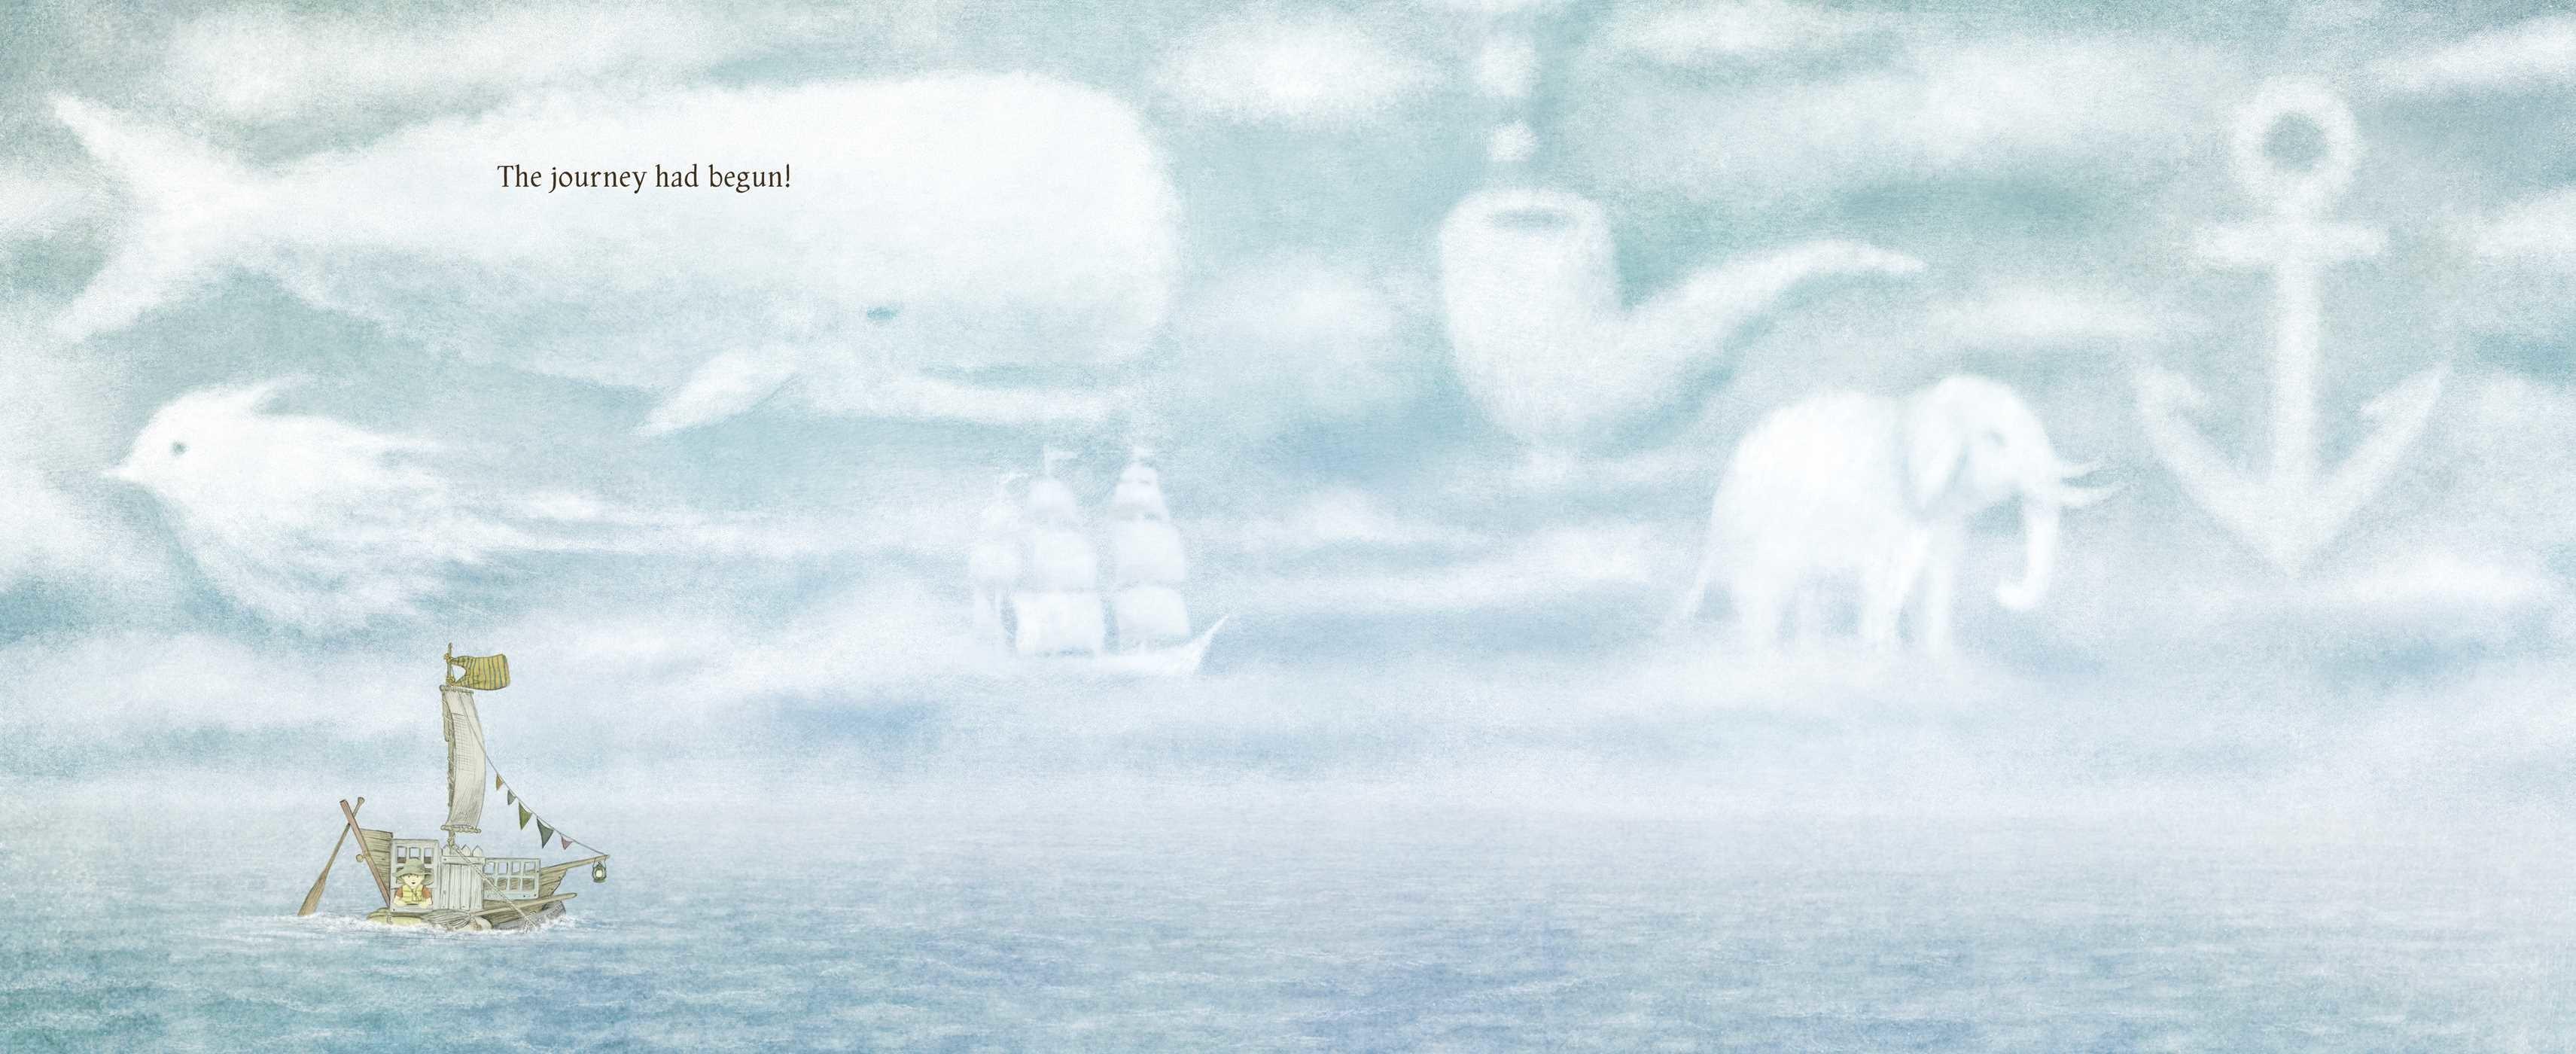 Ocean meets sky 9781481470377.in03